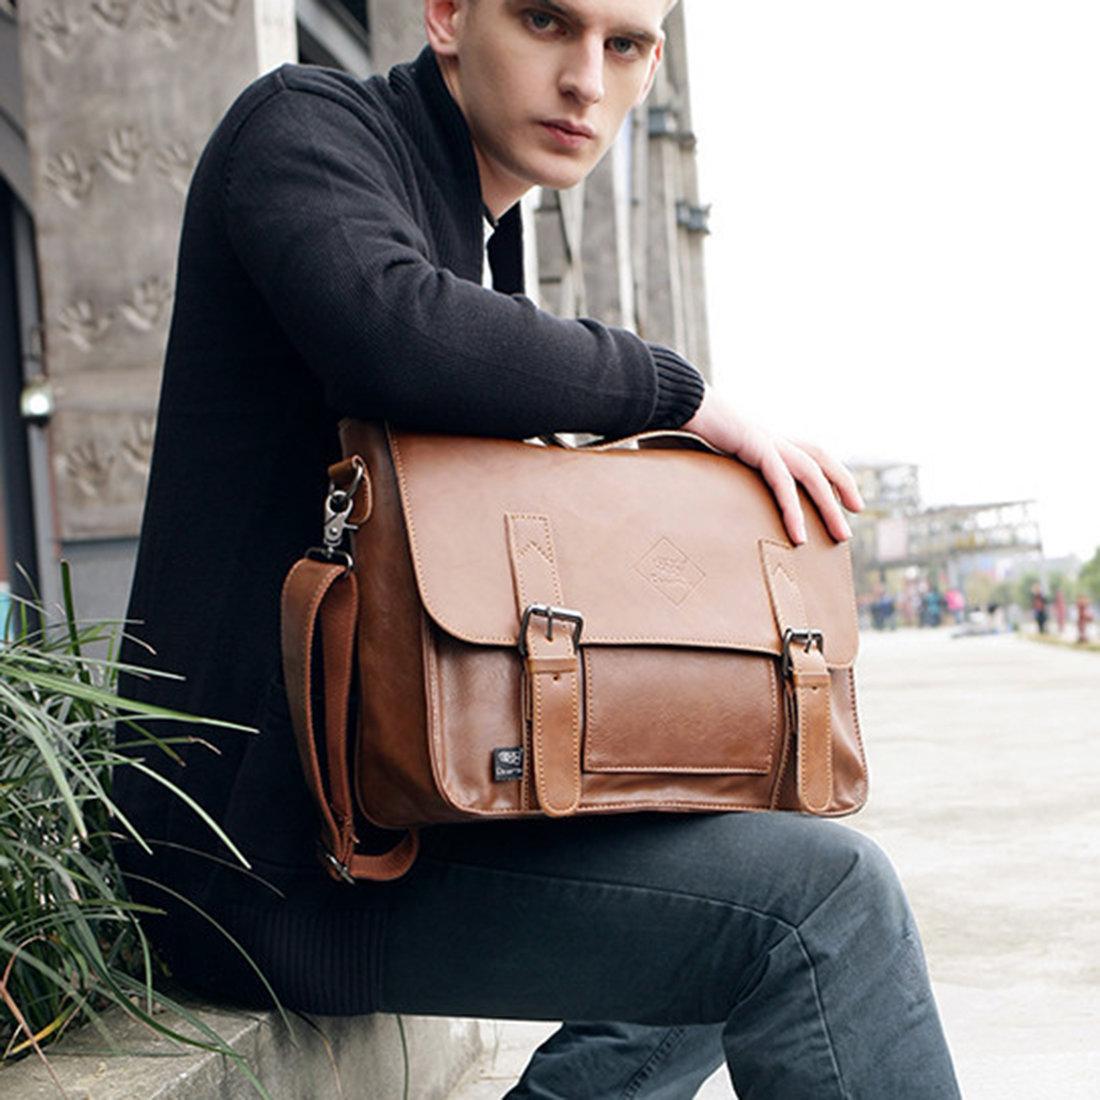 Мужская сумка: как выбрать подходящую модель?